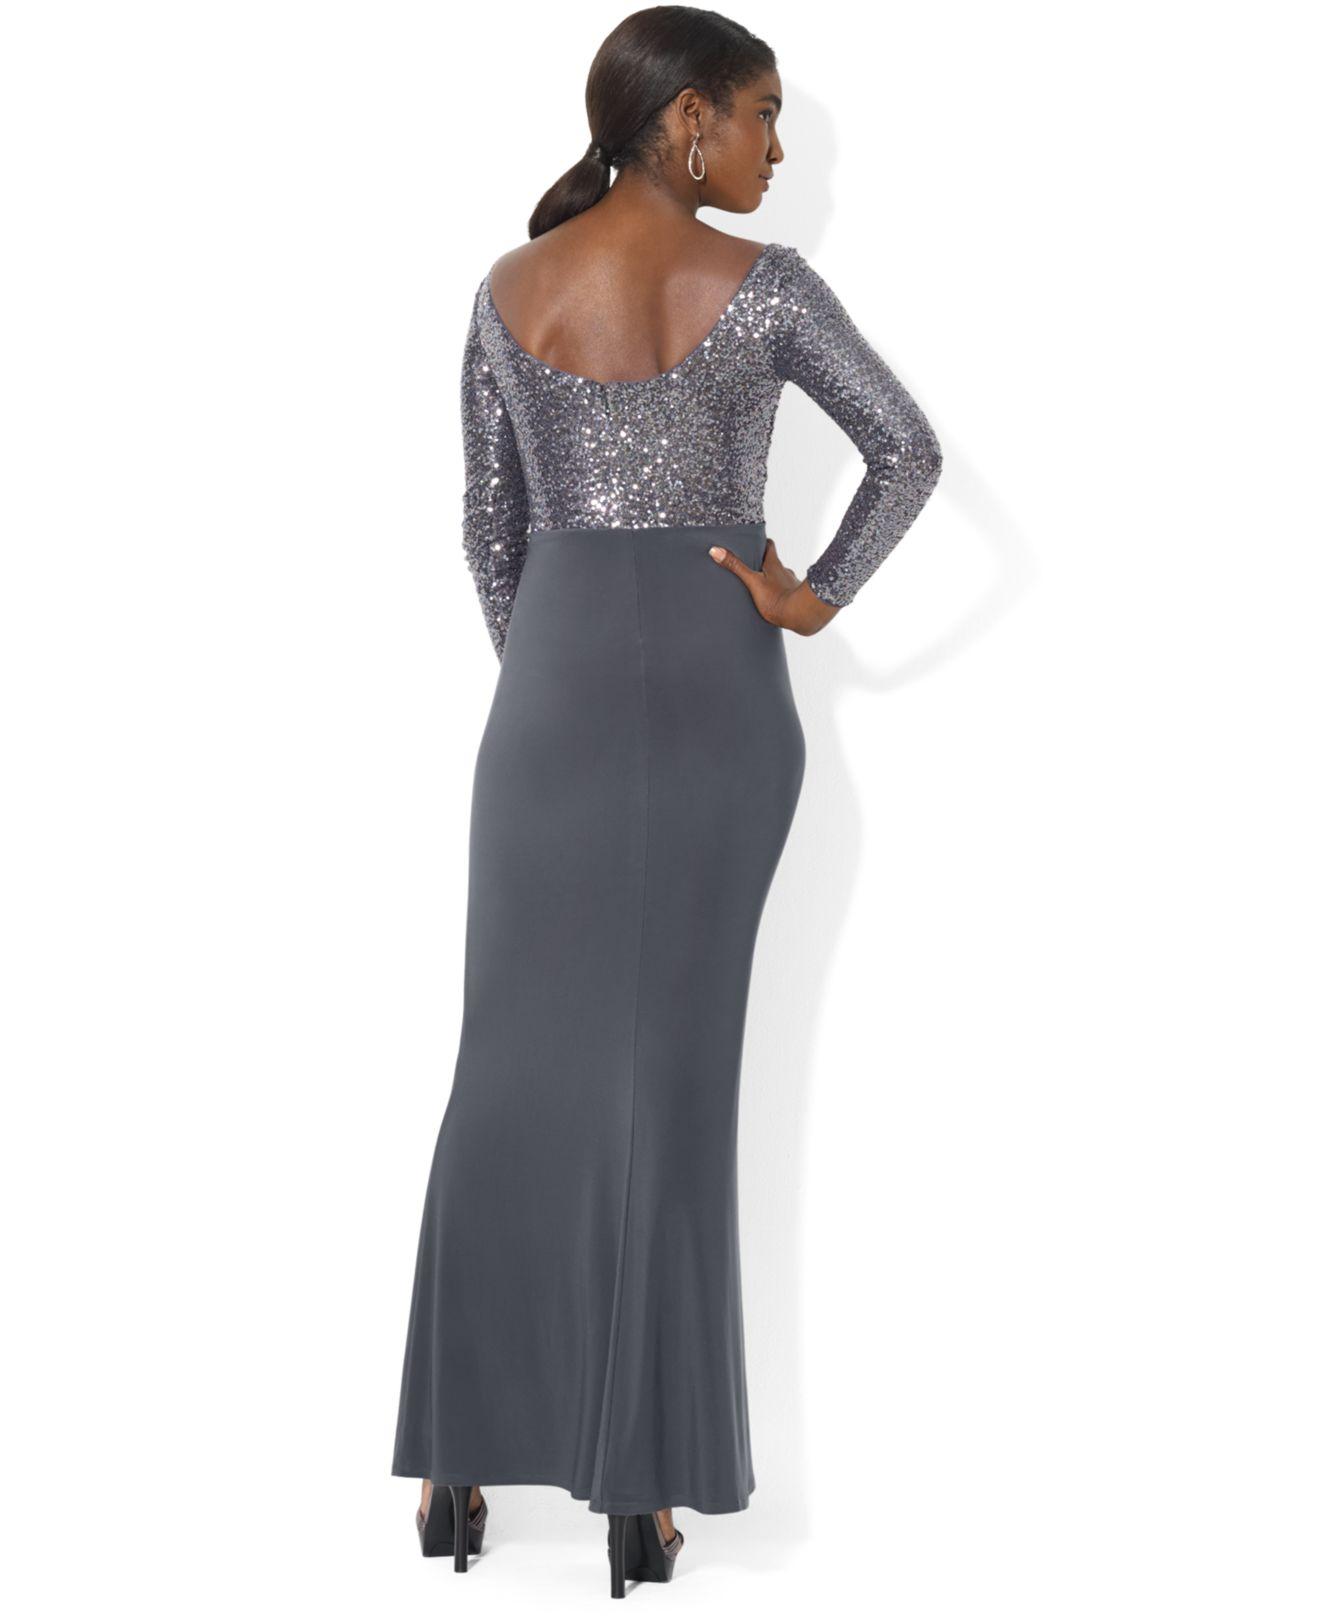 Lyst - Lauren By Ralph Lauren Petite Long-Sleeve Sequin Gown in Gray